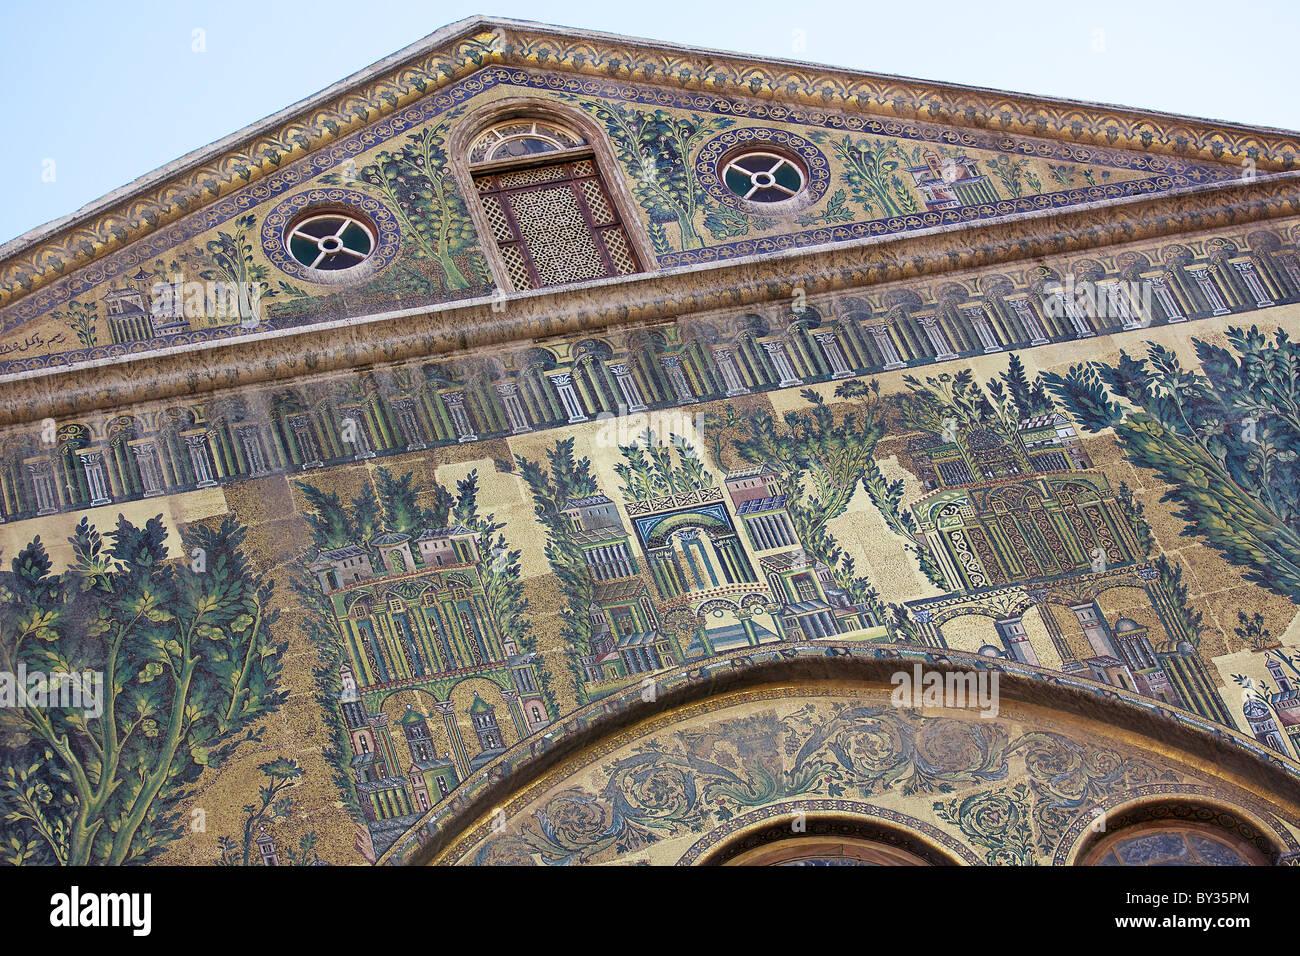 Mosaics on Great Umayyad Mosque, Damascus, Syria Stock Photo